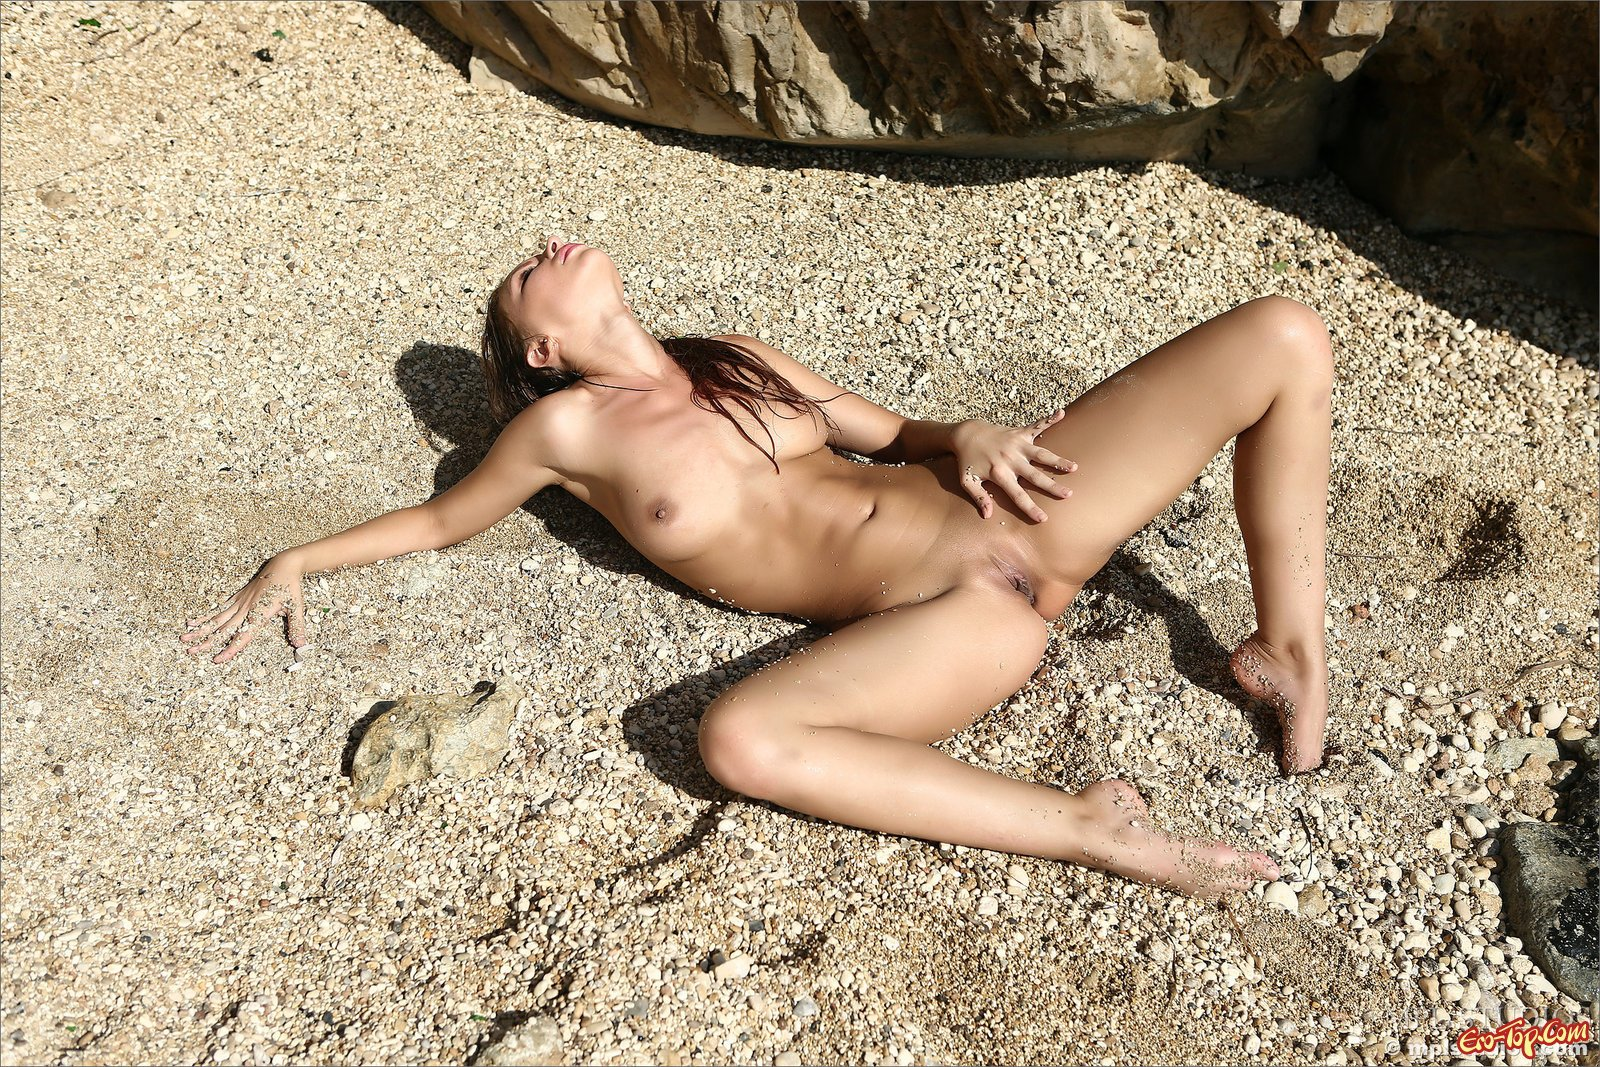 Обнаженная милашка показывает письку на пляже